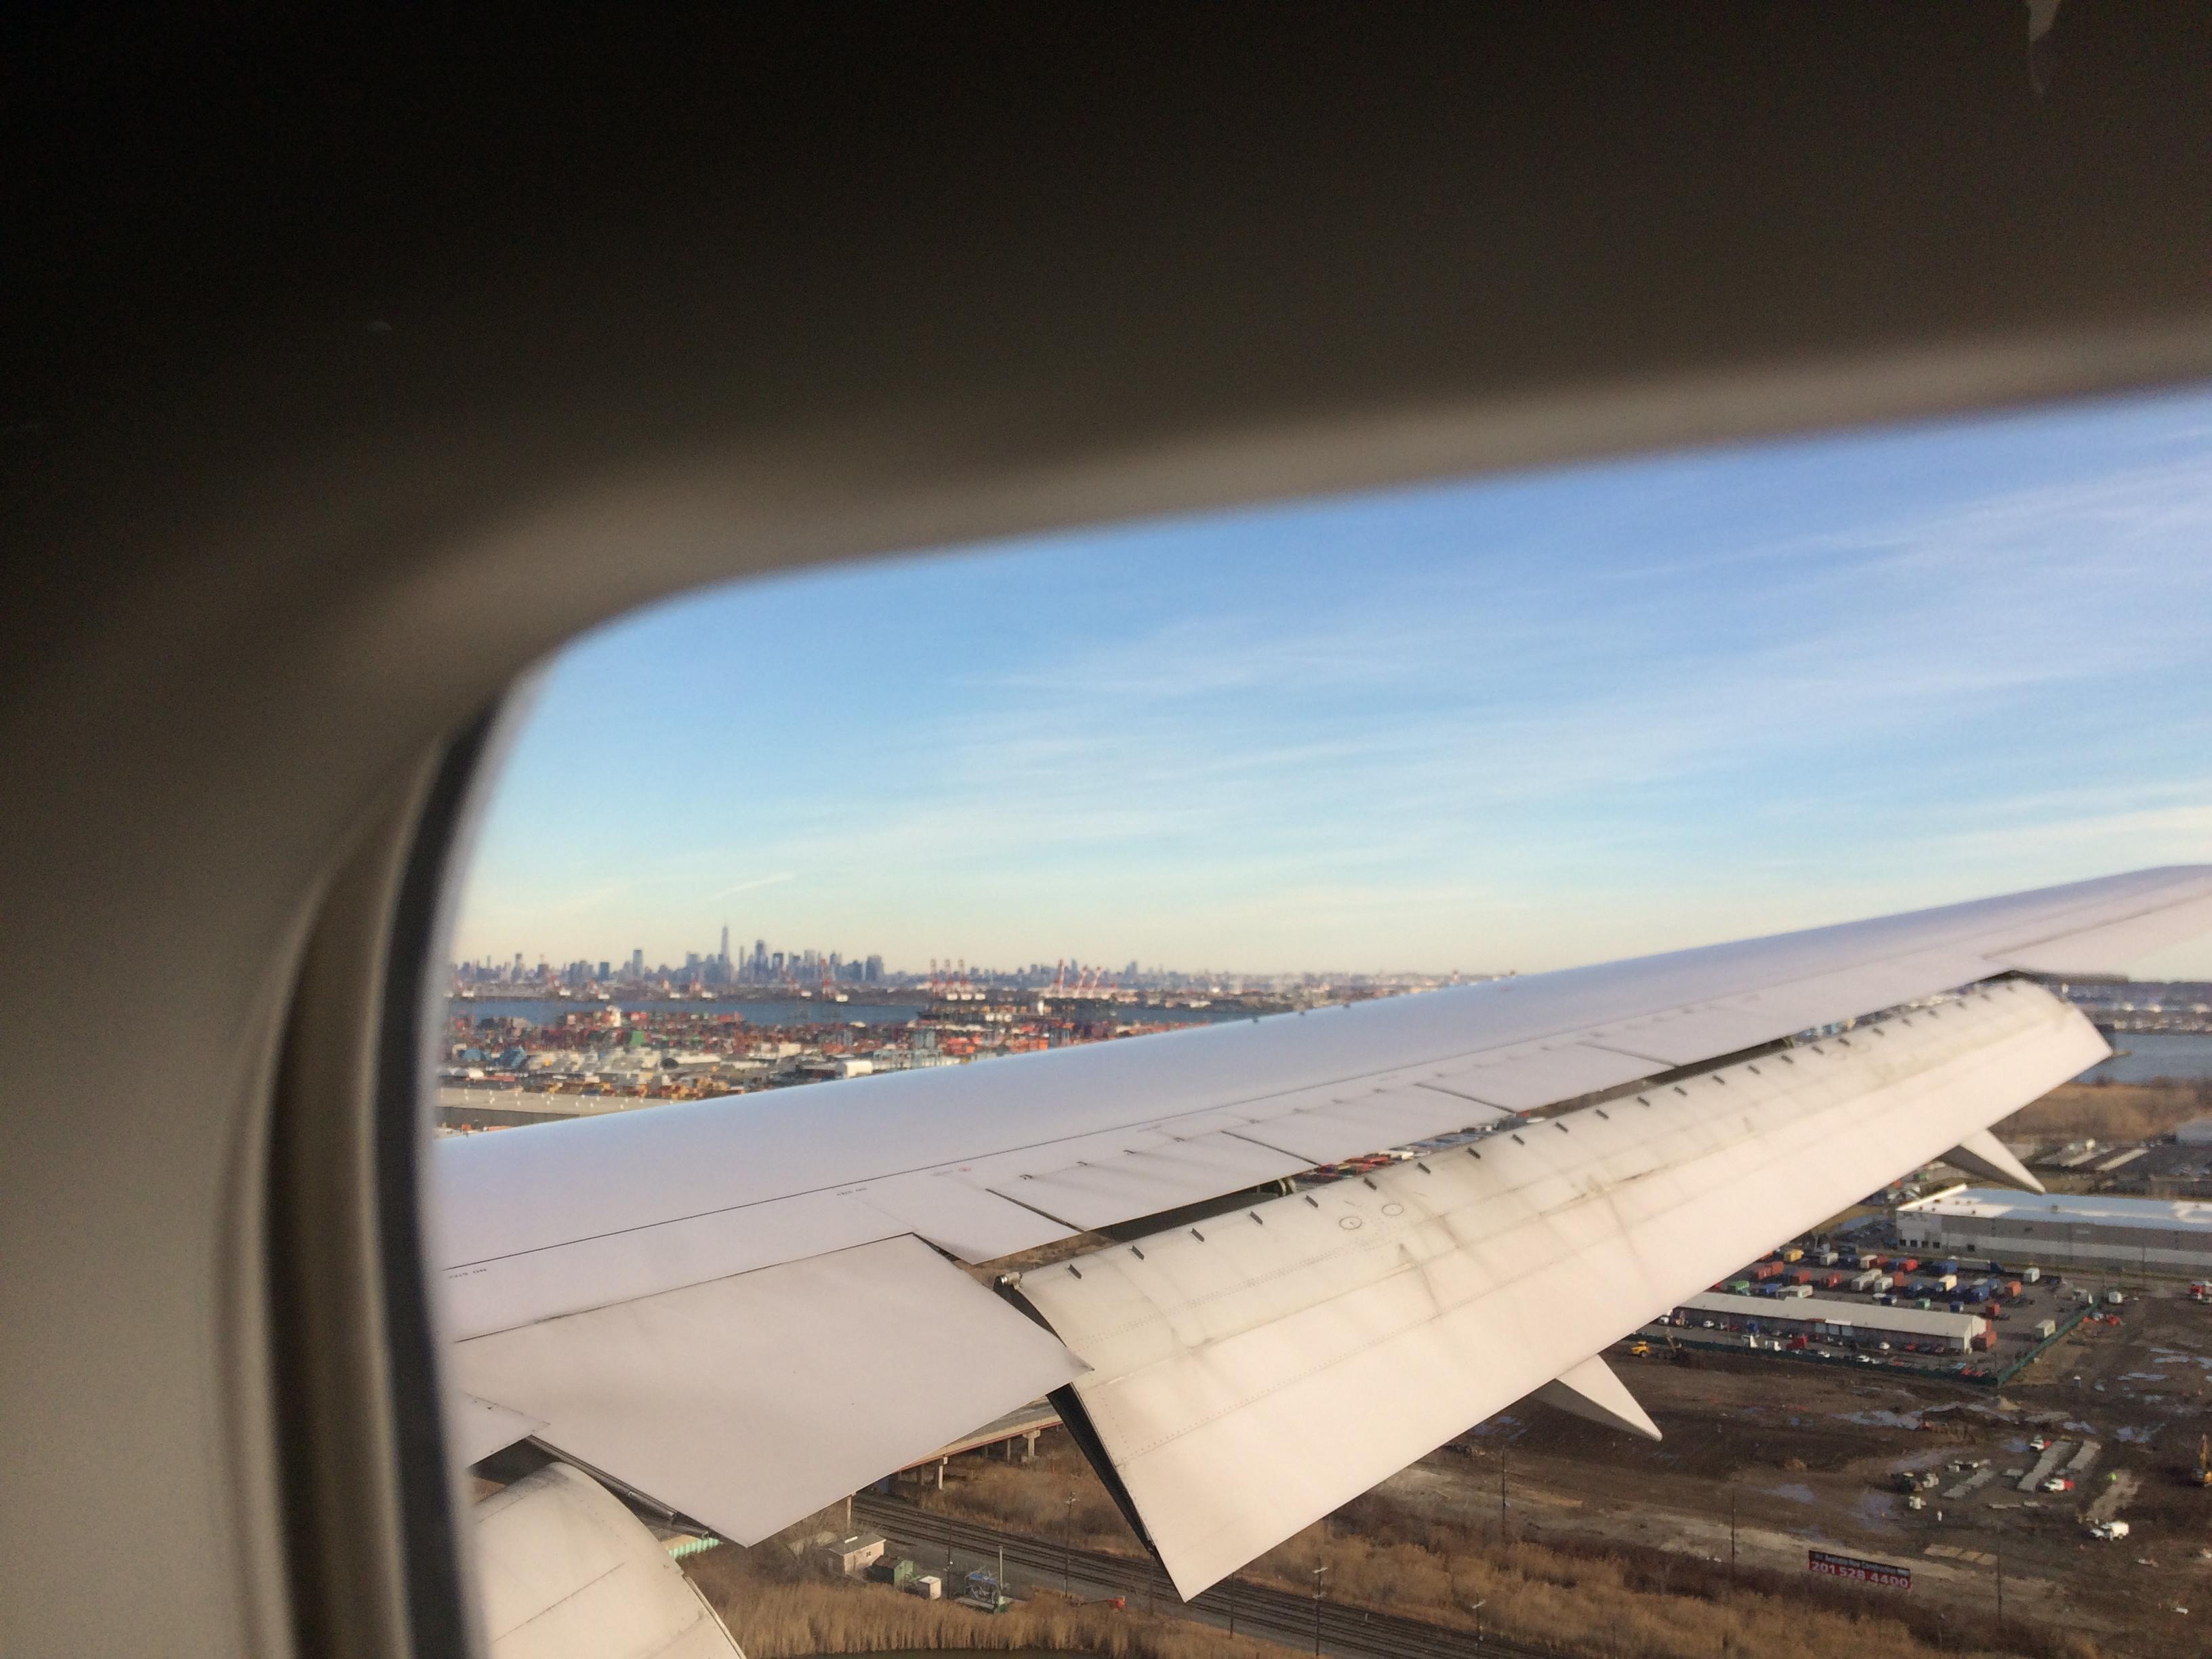 Det nærmeste jeg kom New York City var Newark. En by som en gang må besøkes!